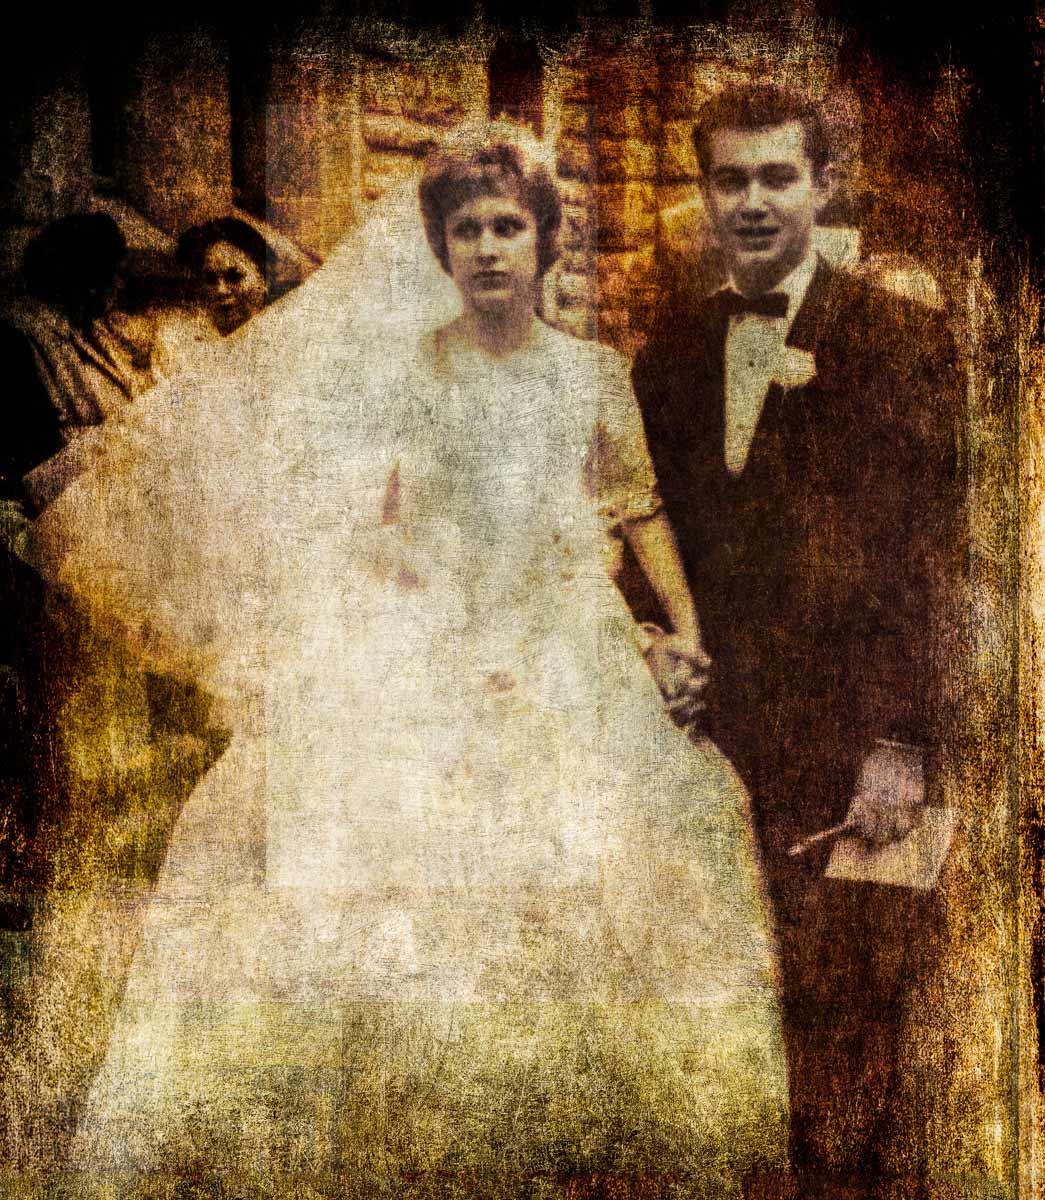 wedding-dayV4-48x42printadj.jpg